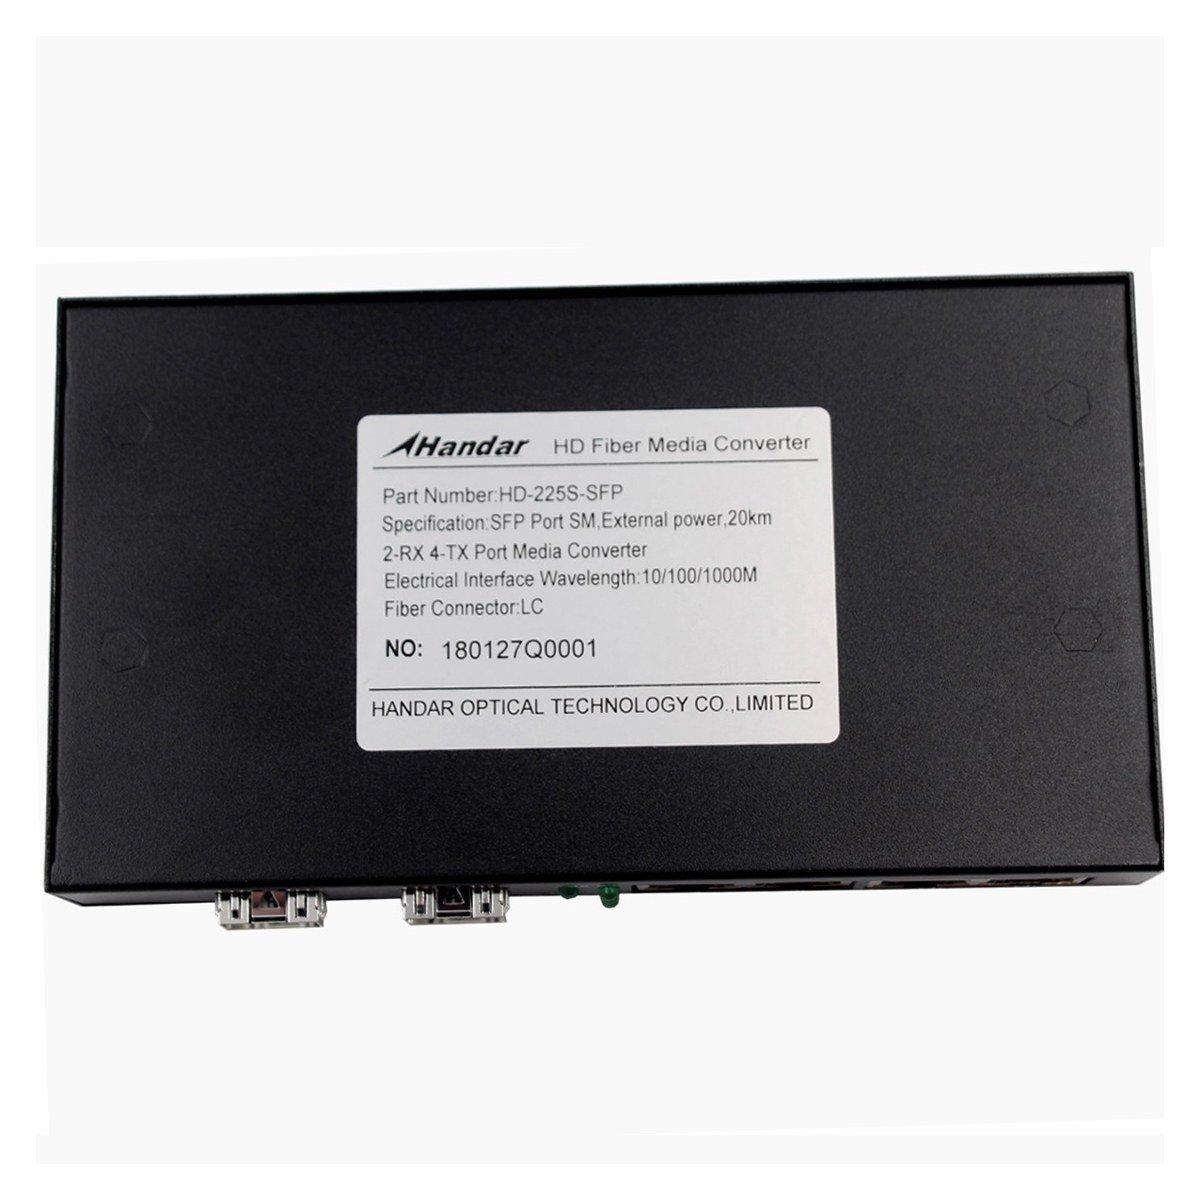 Handar Gigabit Ethernet Media Converter Open SFP Slot, Unmanaged Gigabit Ethernet Switch 4 Ports 10/100/1000 UTP 2 SFP Open Slot, Without Transceiver by Handar (Image #4)